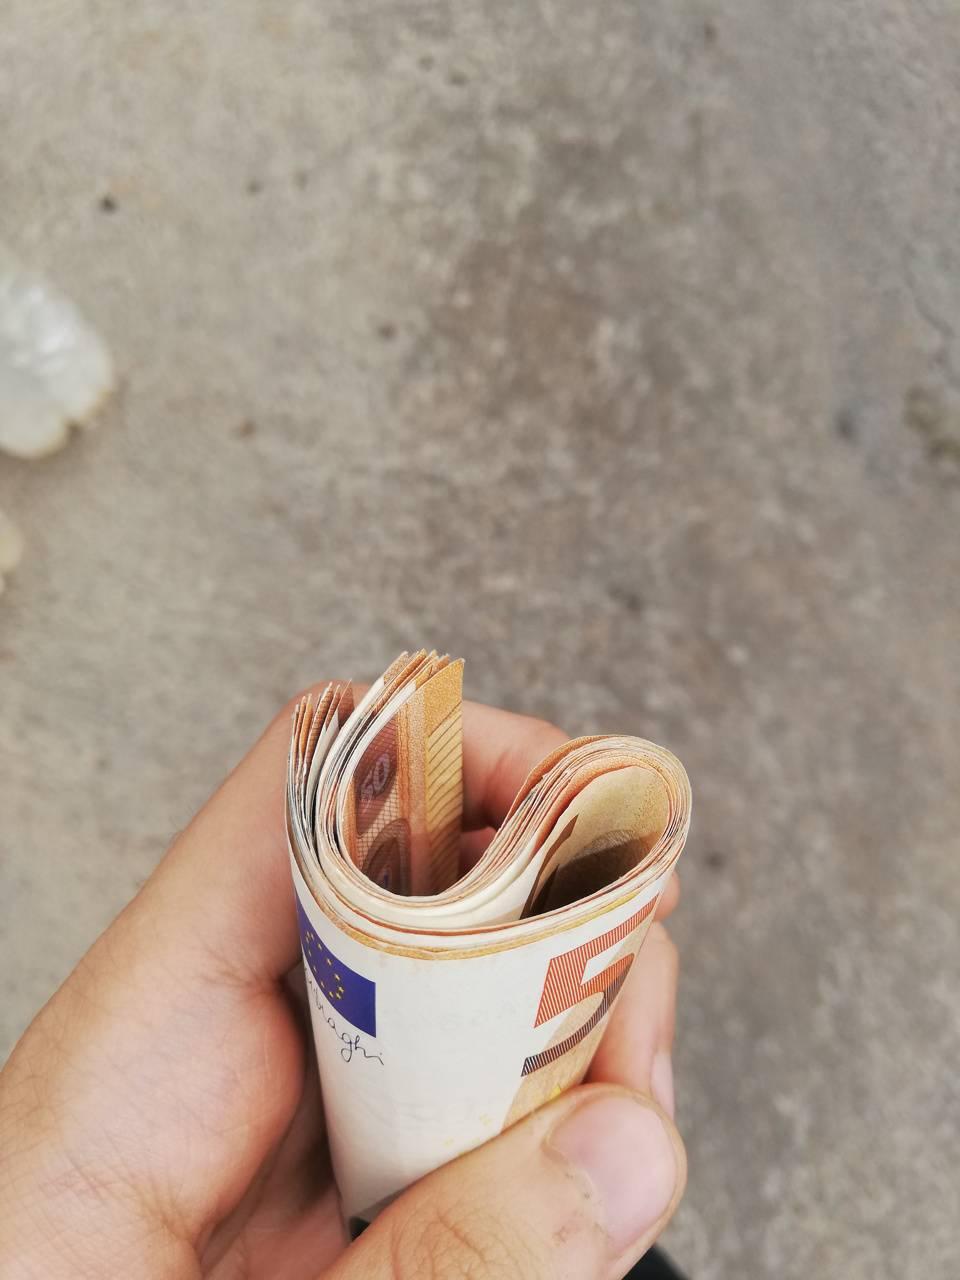 moneybillet